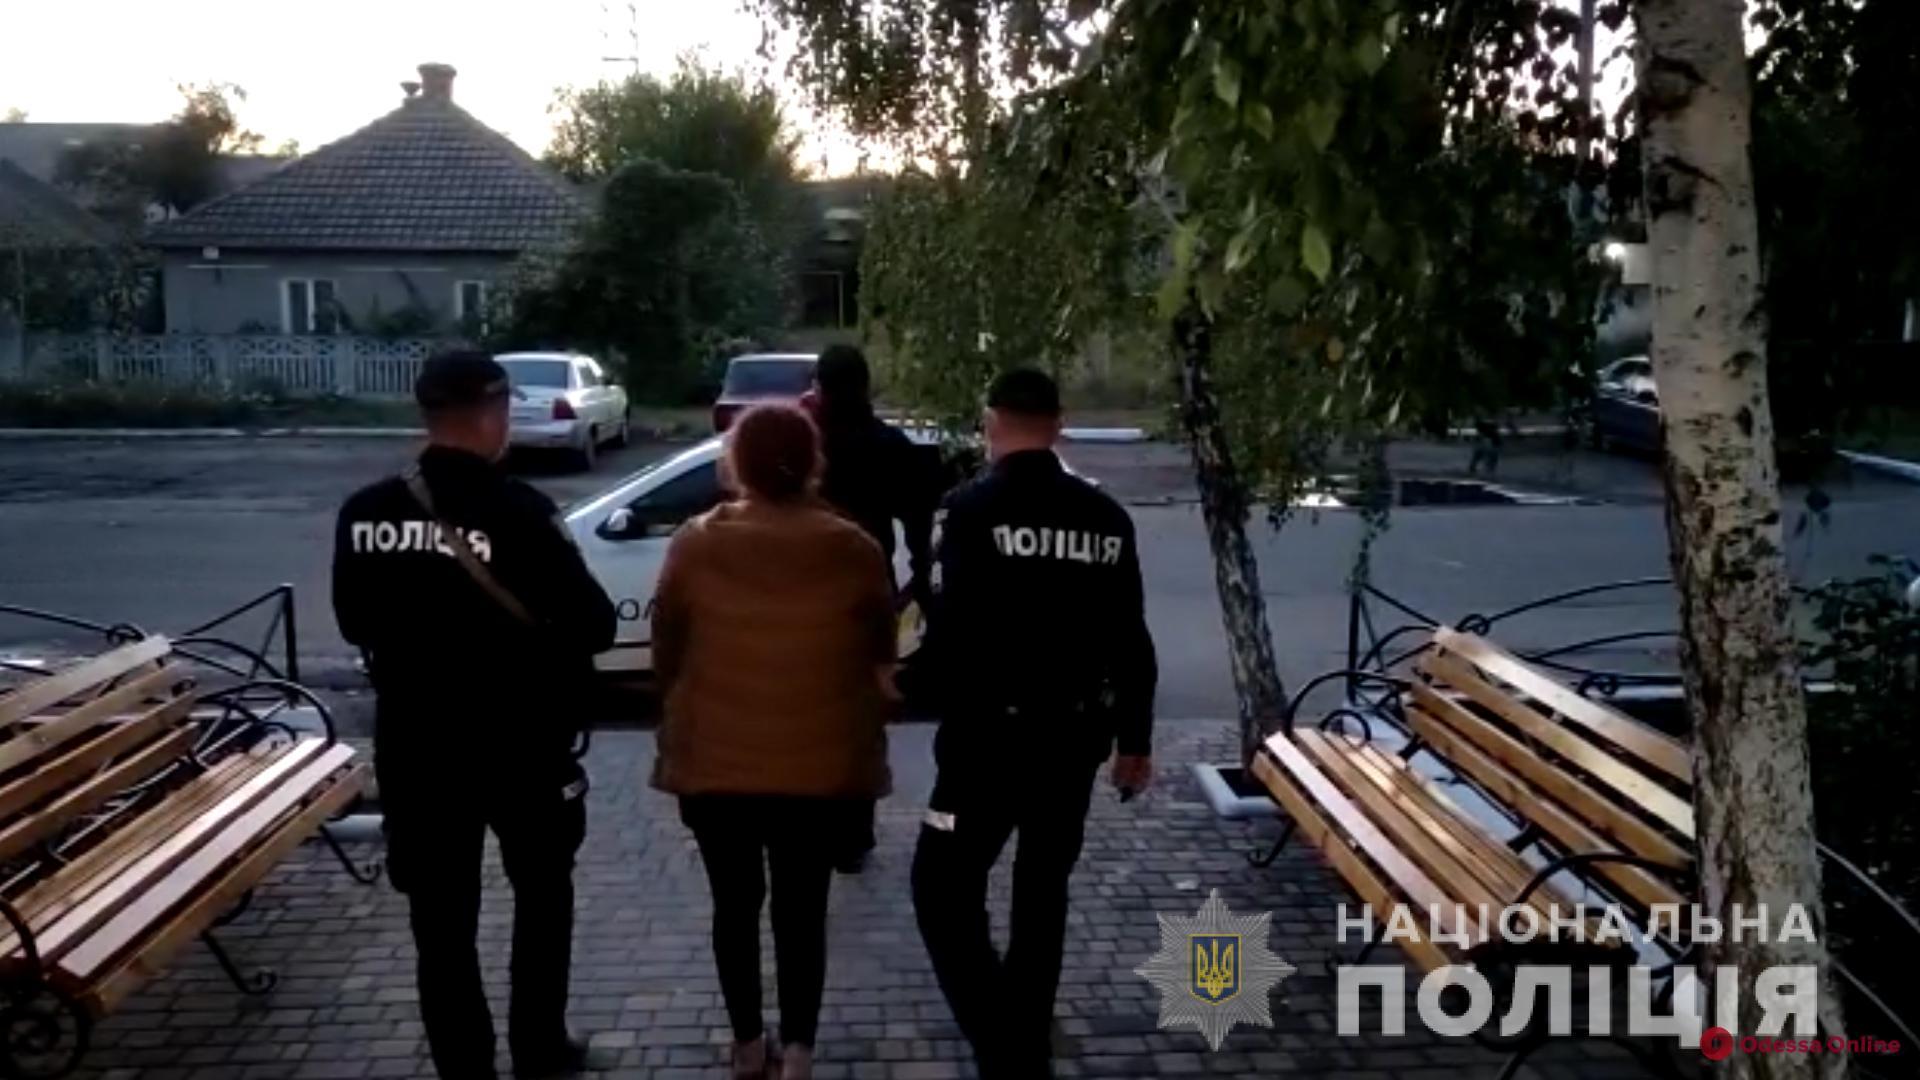 В Одесской области женщина избила односельчанина до смерти скалкой и топором